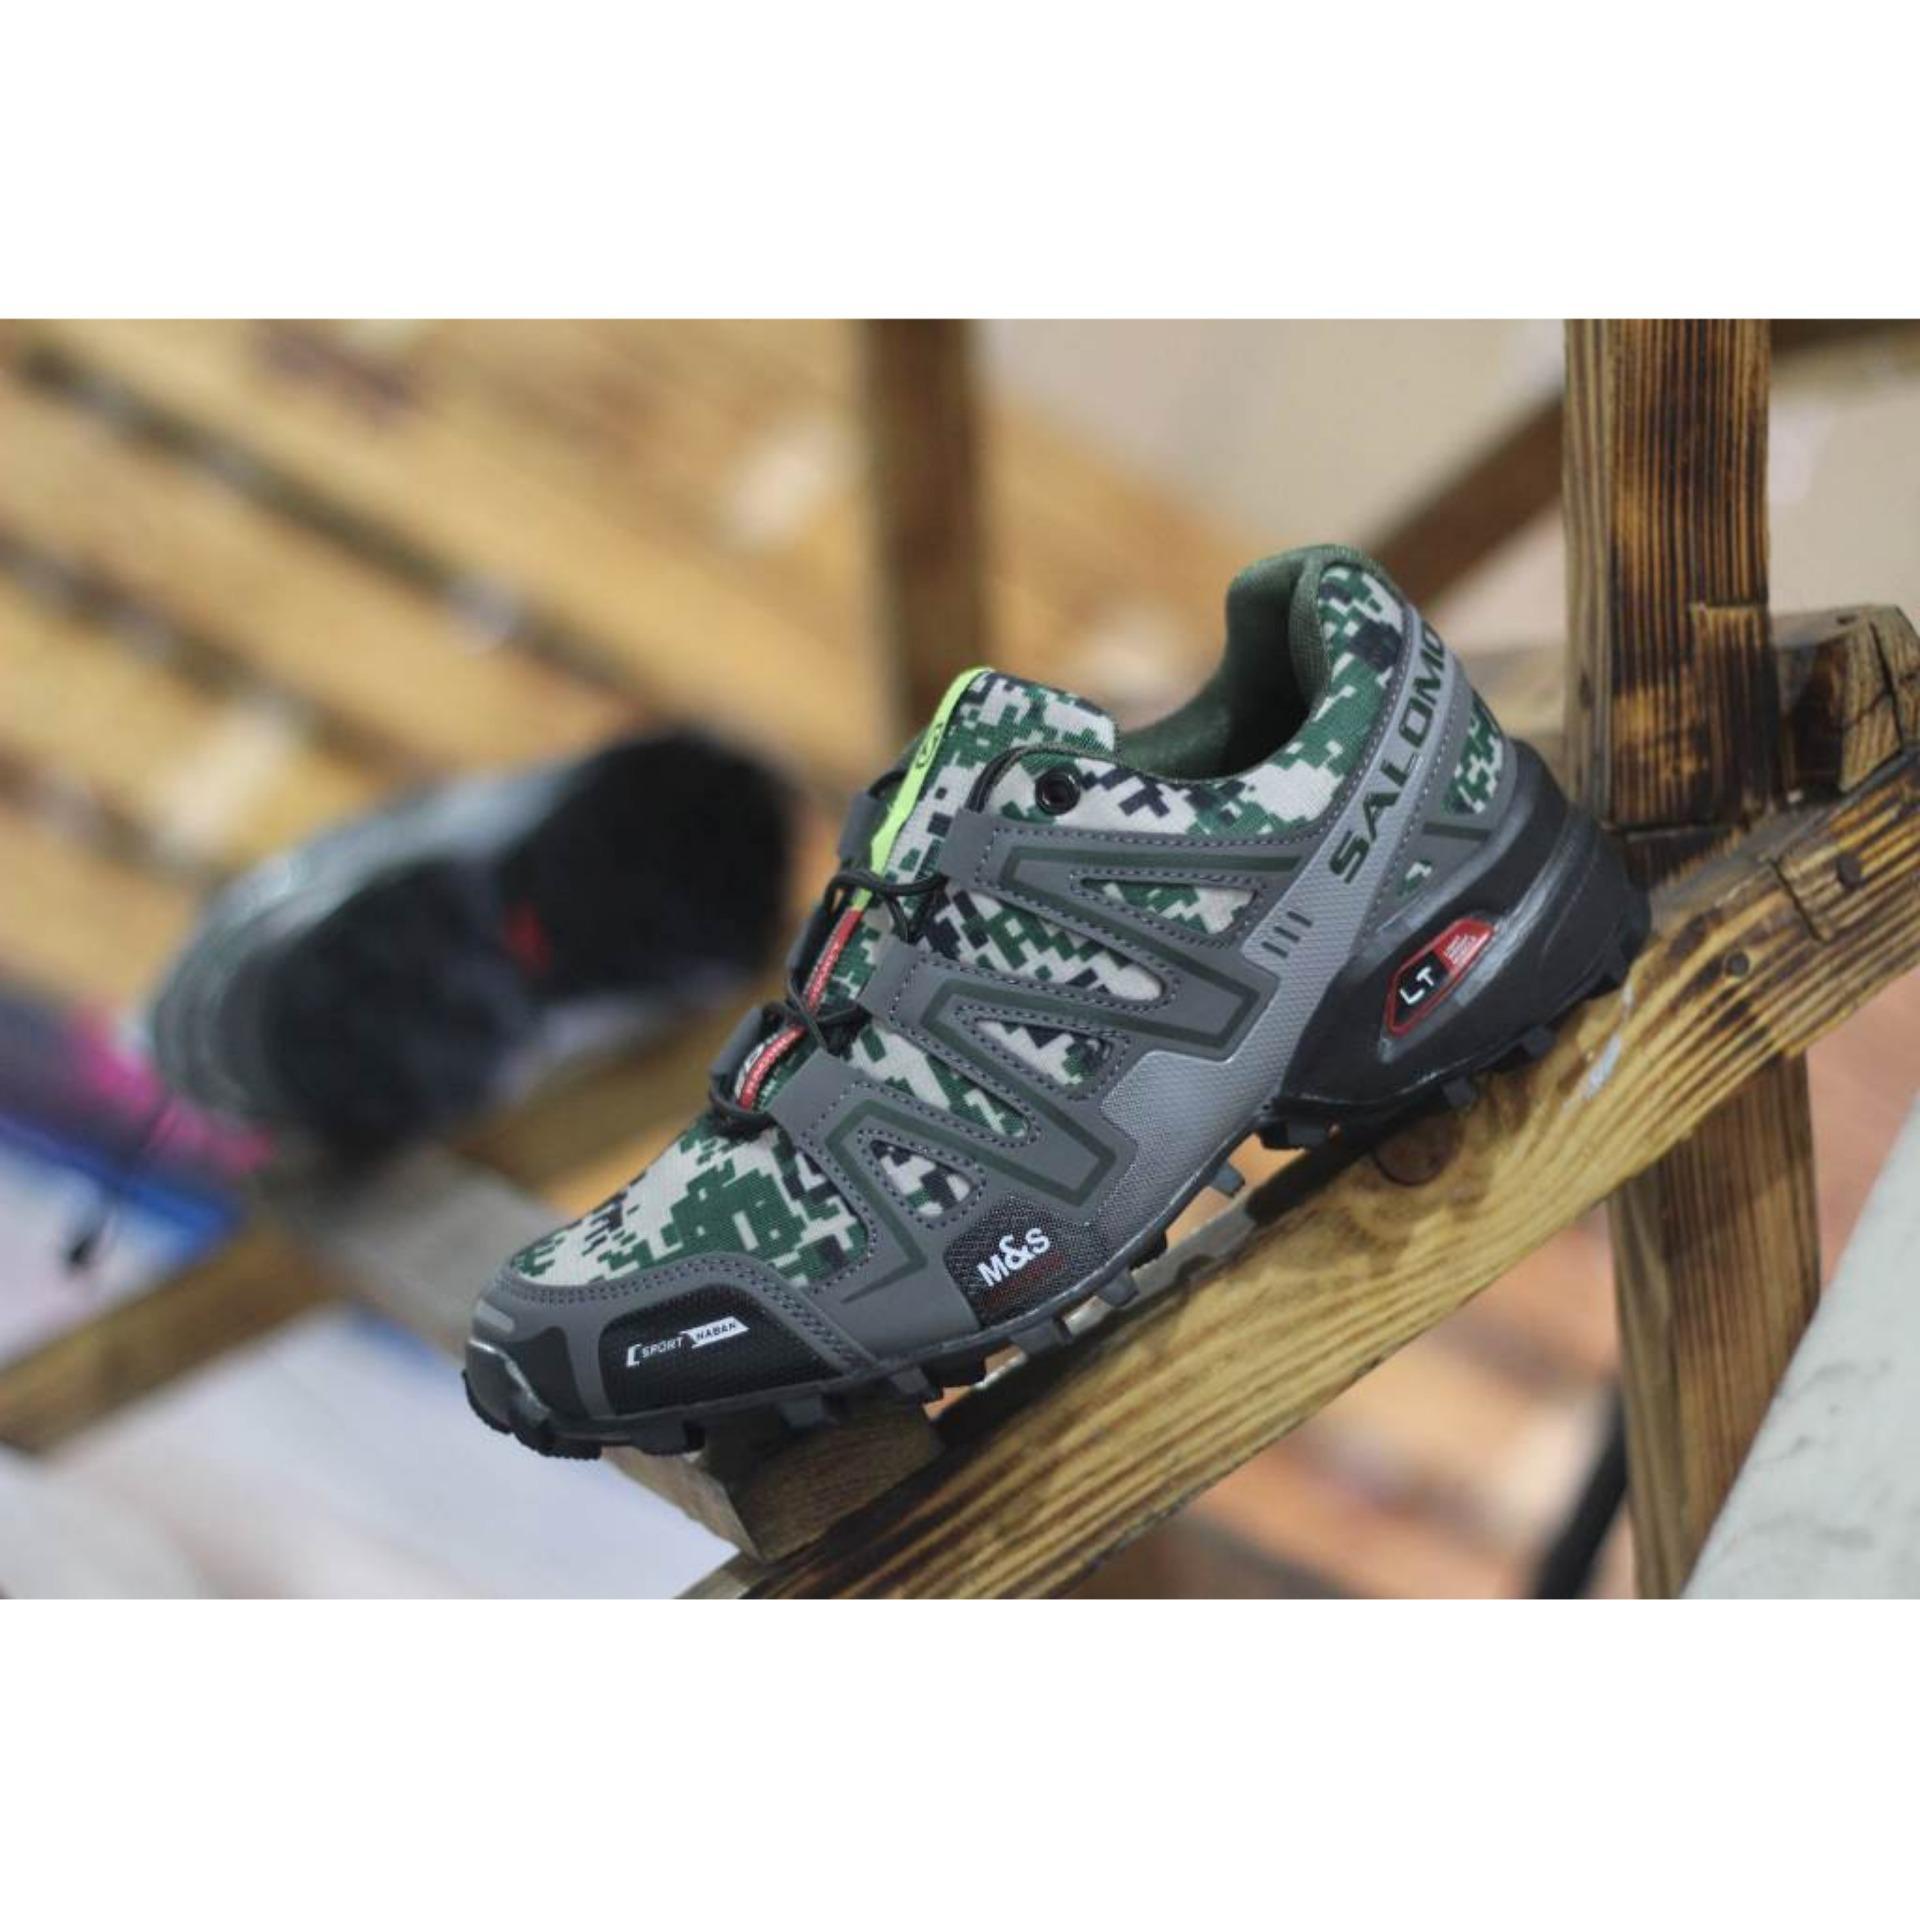 Sepatu Adidas AX2 Salomon 0230 20